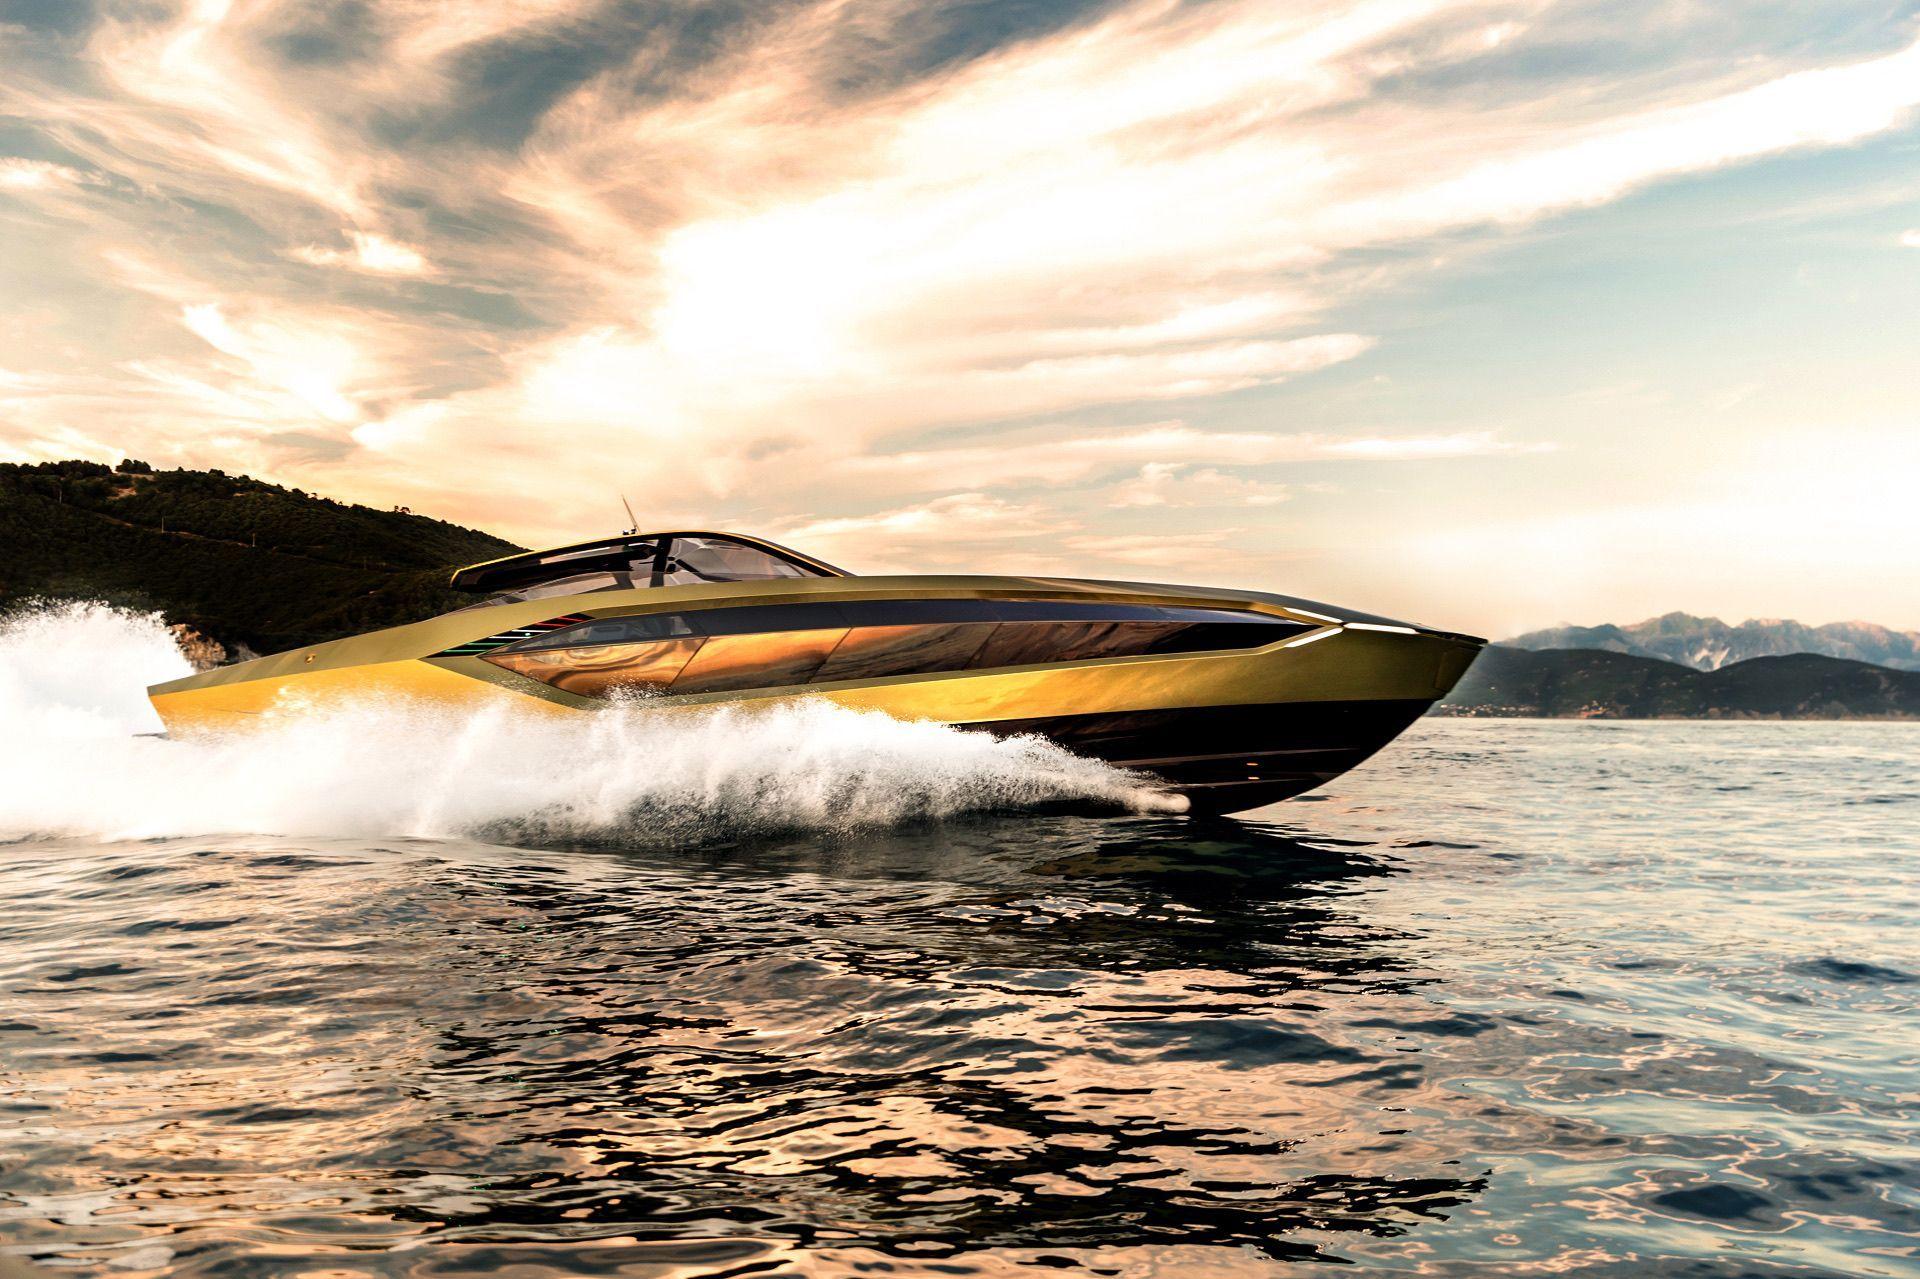 Tecnomar-Lamborghini-63-Yacht-8